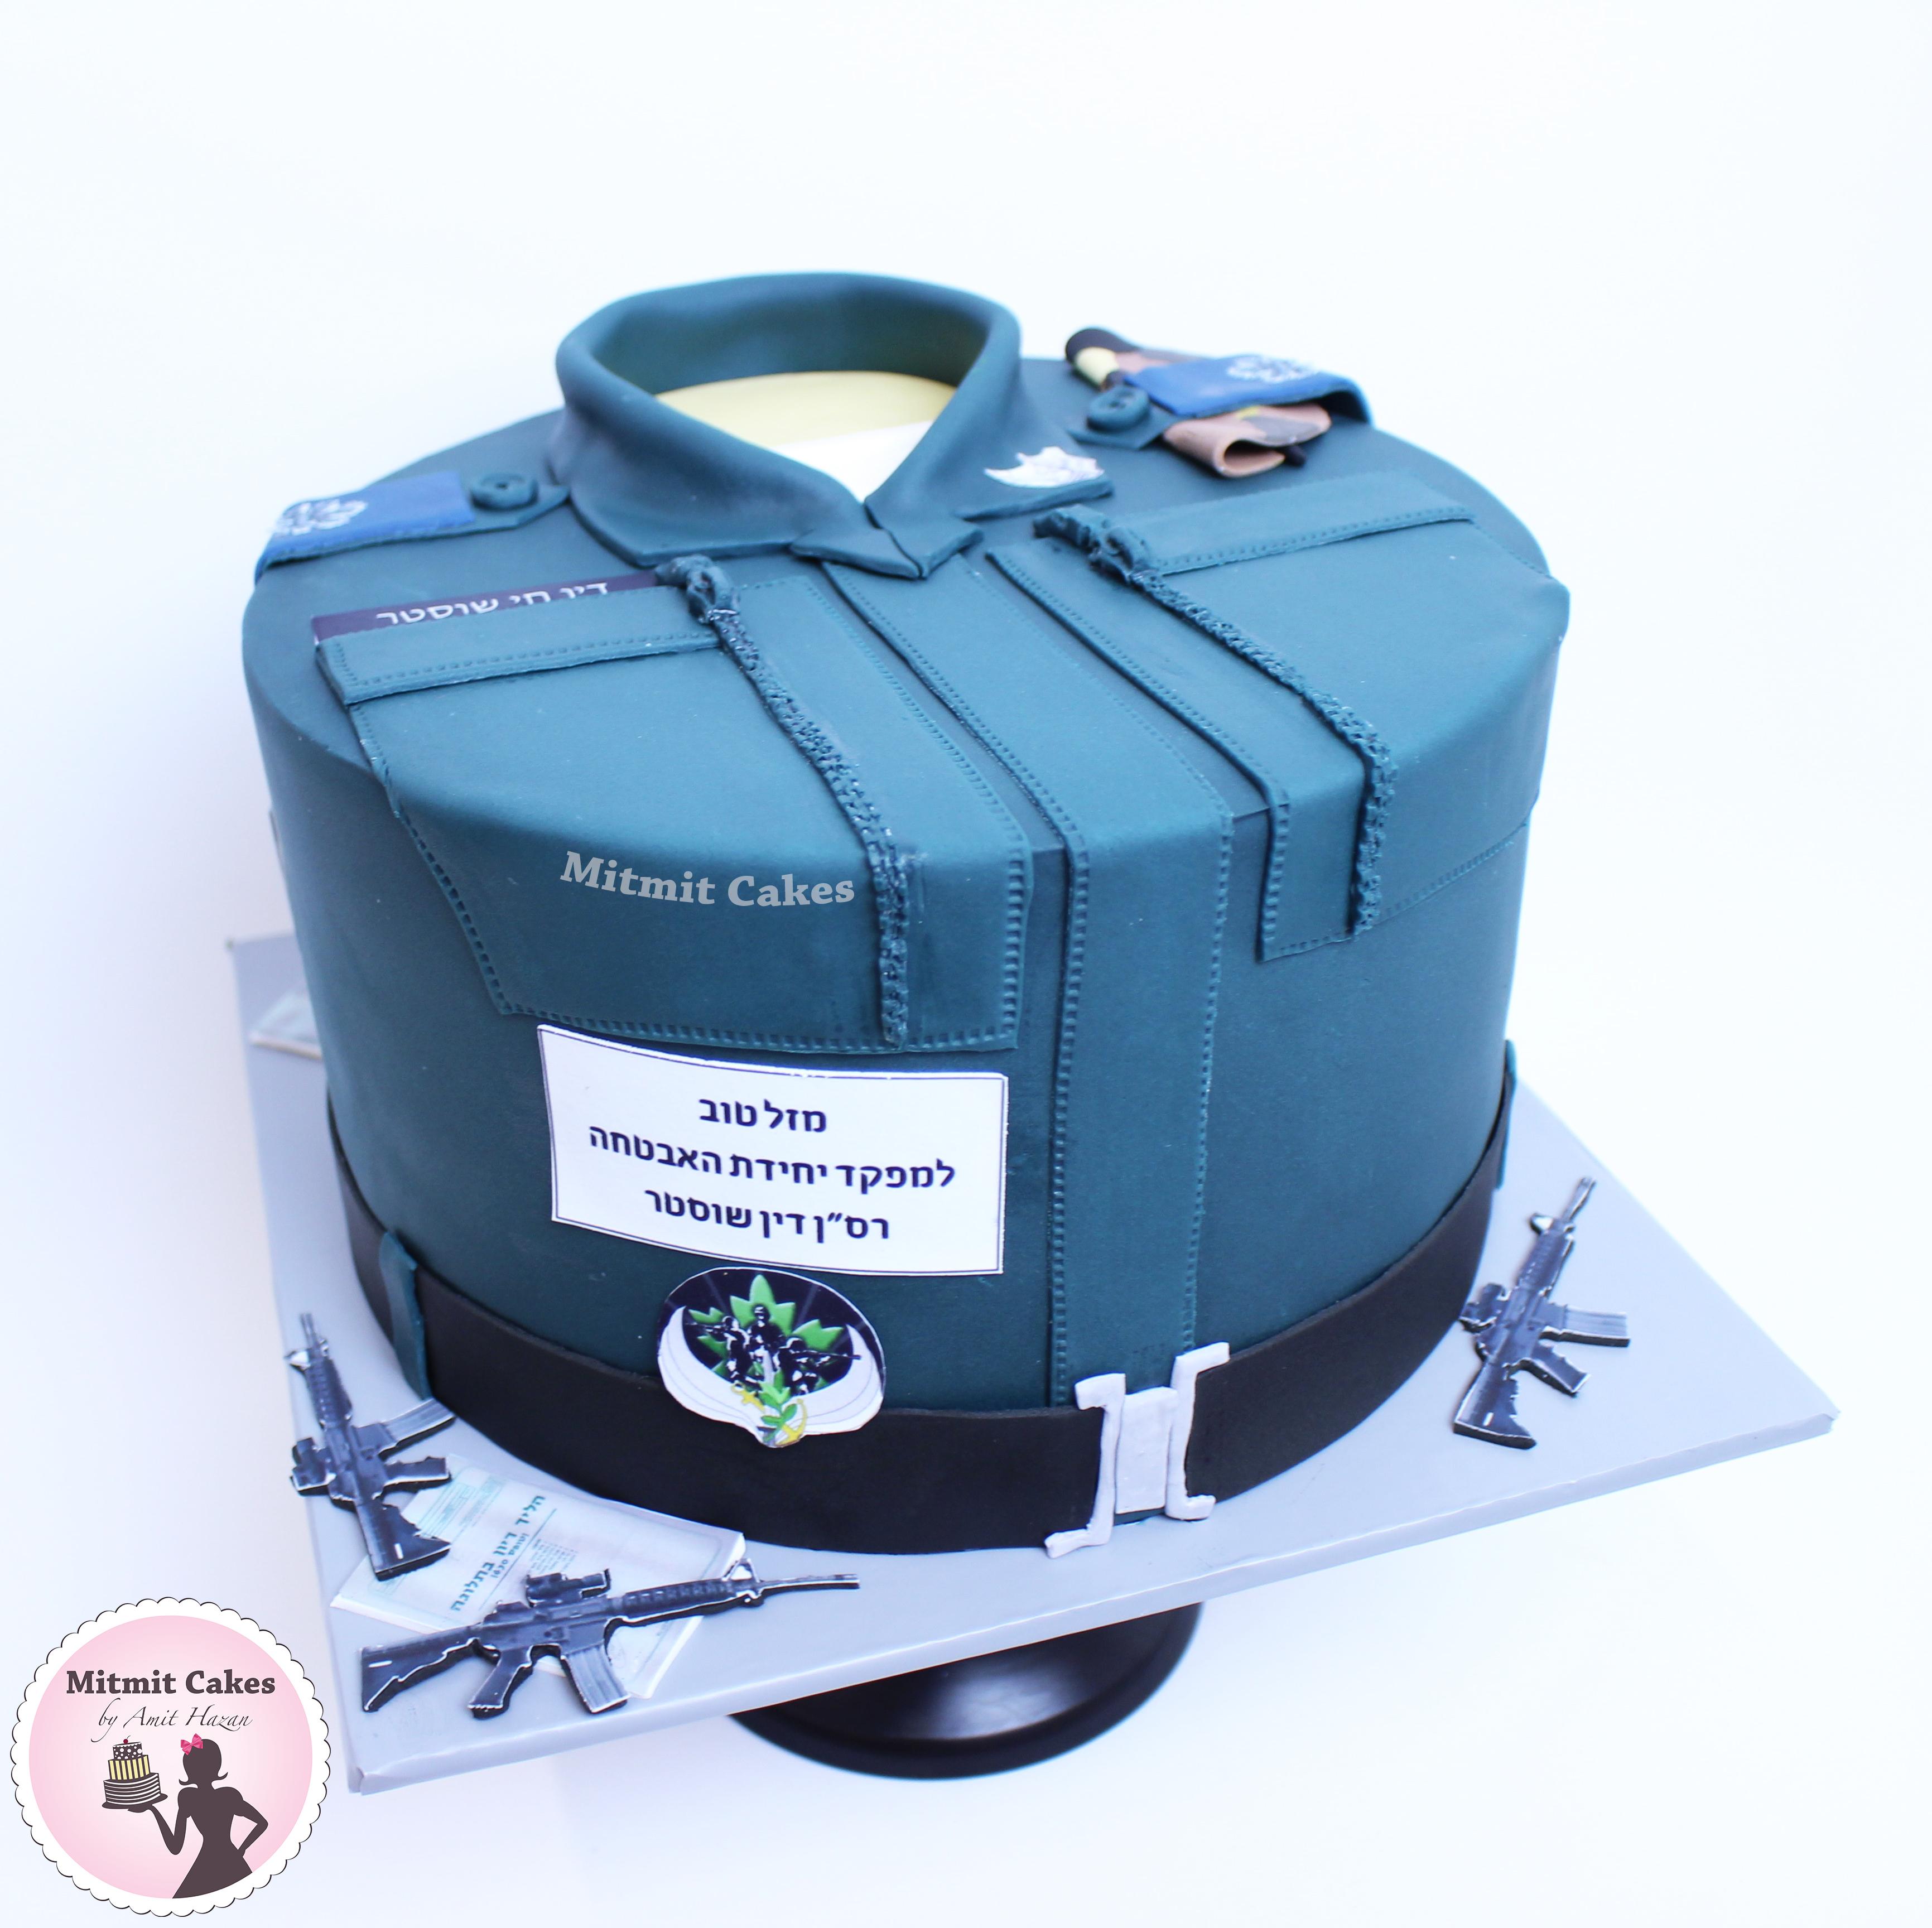 עוגה לקבלת דרגה יחידת האבטחה